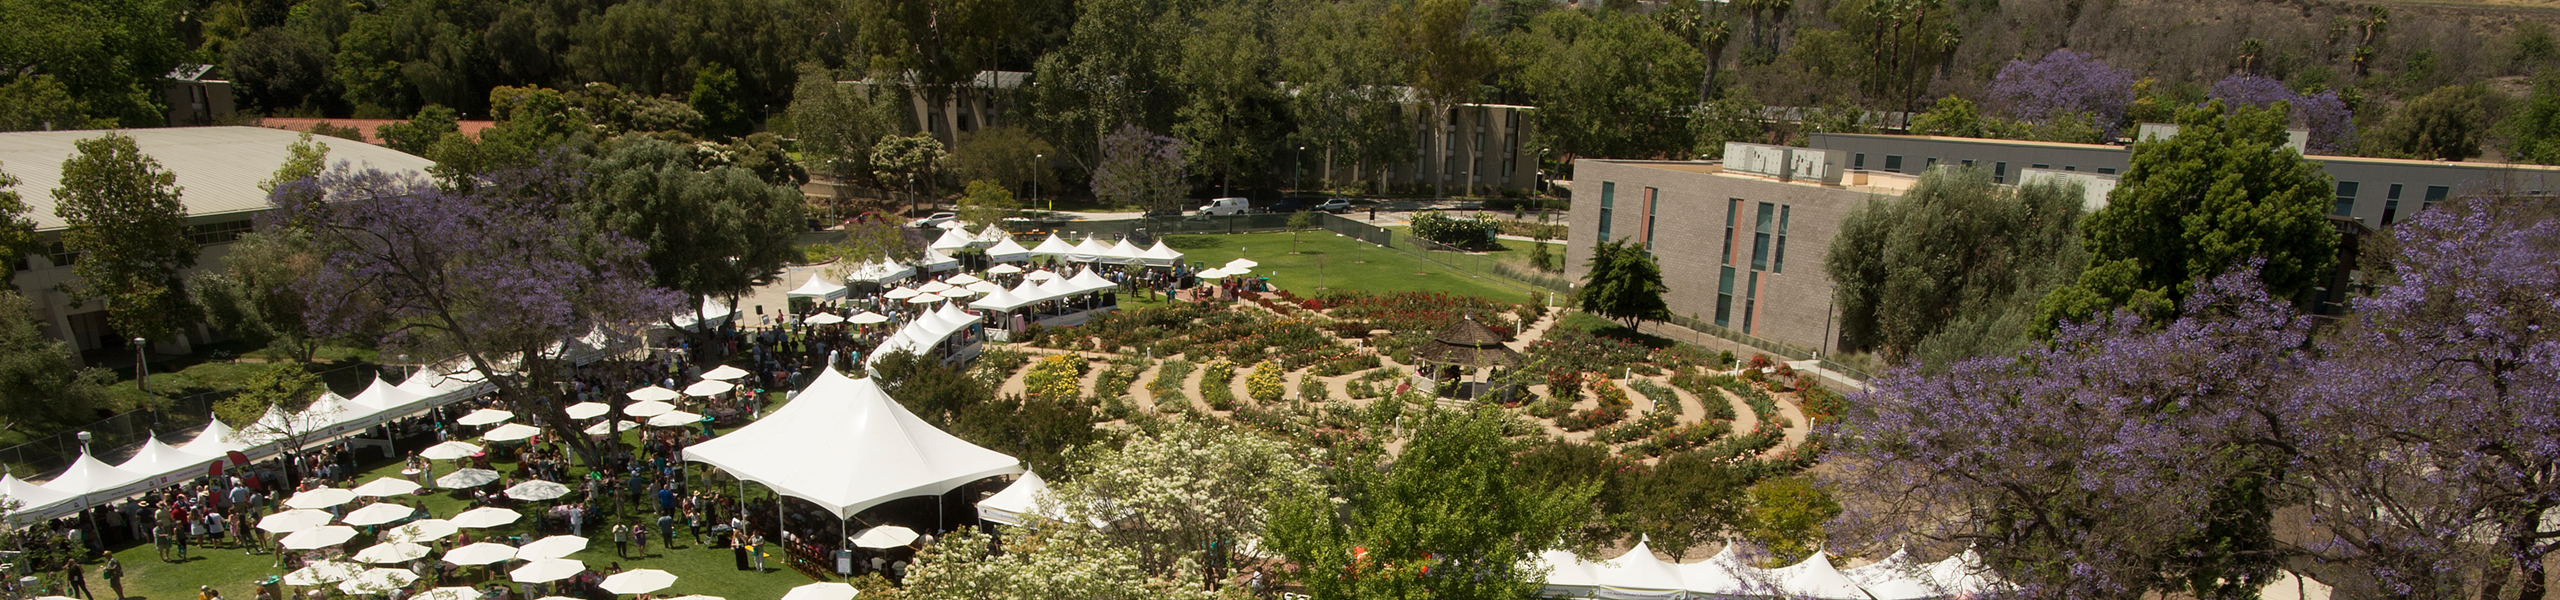 Cal Poly Pomona Rose Garden